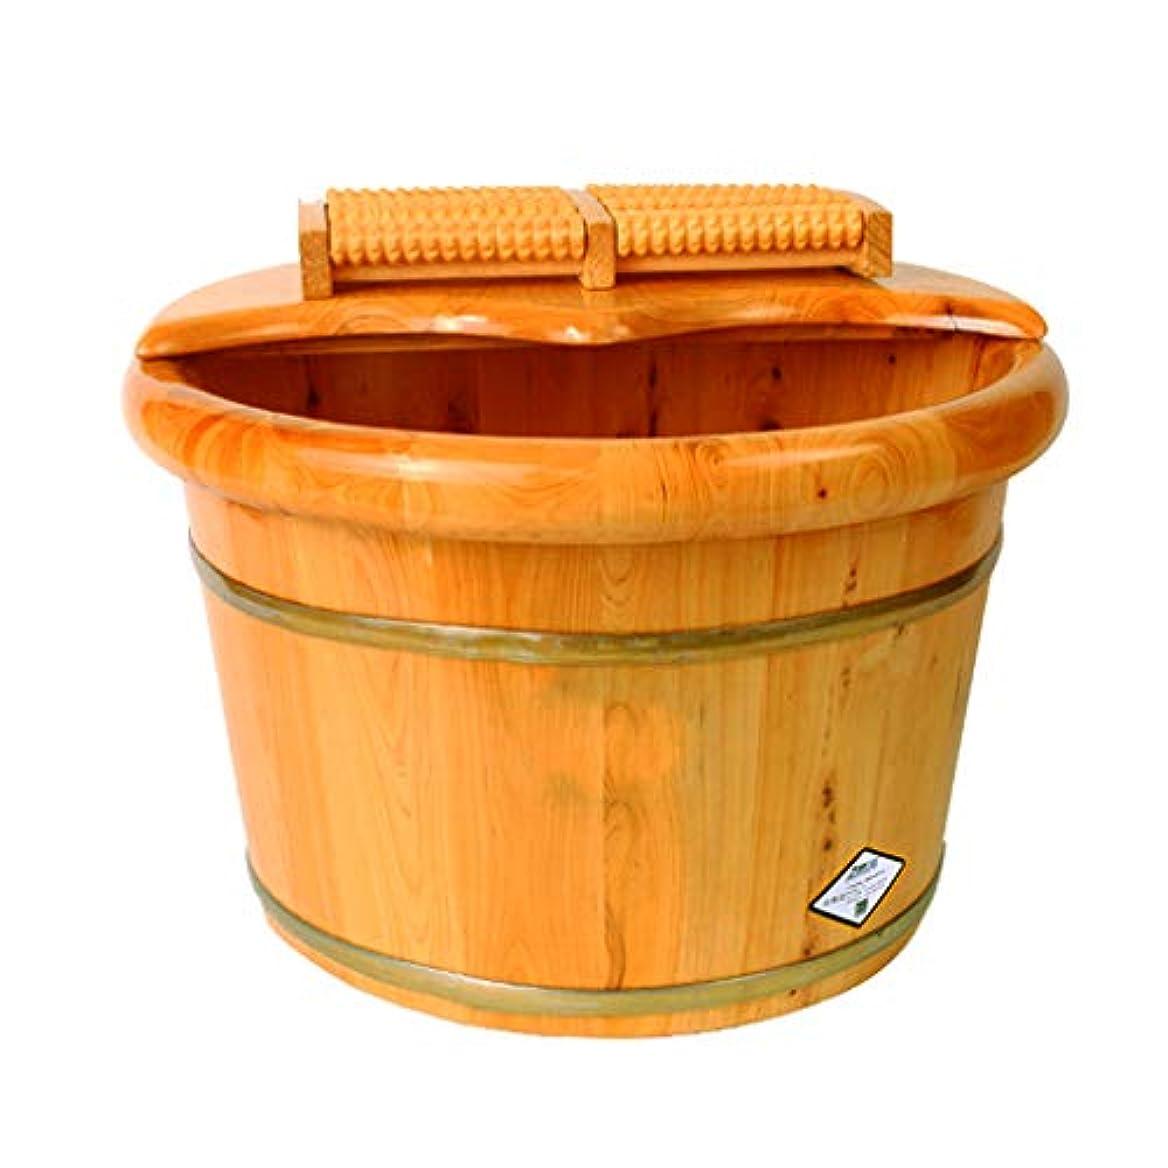 受け入れ部屋を掃除する委任HJBH高品質純粋な天然杉ウッドフット風呂樽ふた付き木製世帯フット浴槽厚いシダーウッドフットマッサージャーサイズ:直径41.5 M *高26 CM